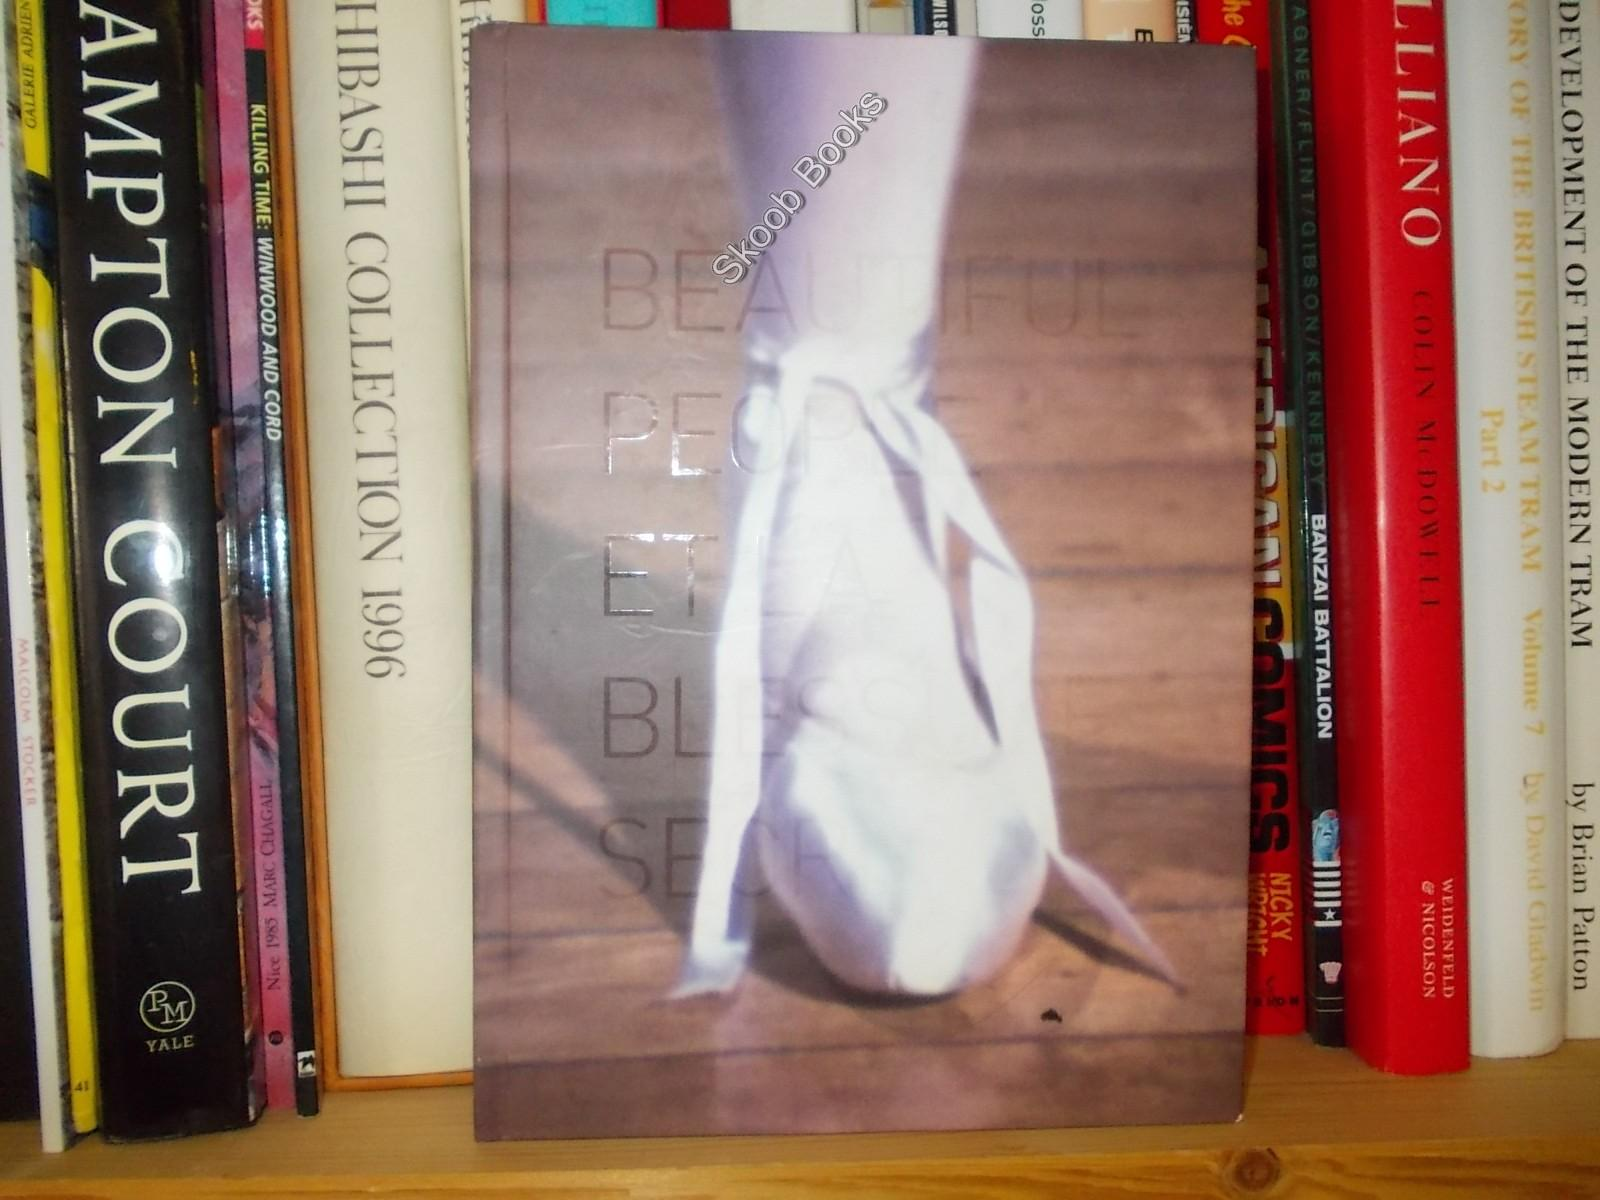 Beautiful People et La Blessure Secrete - Bardagil, Miquel; Pierron, Nathalie